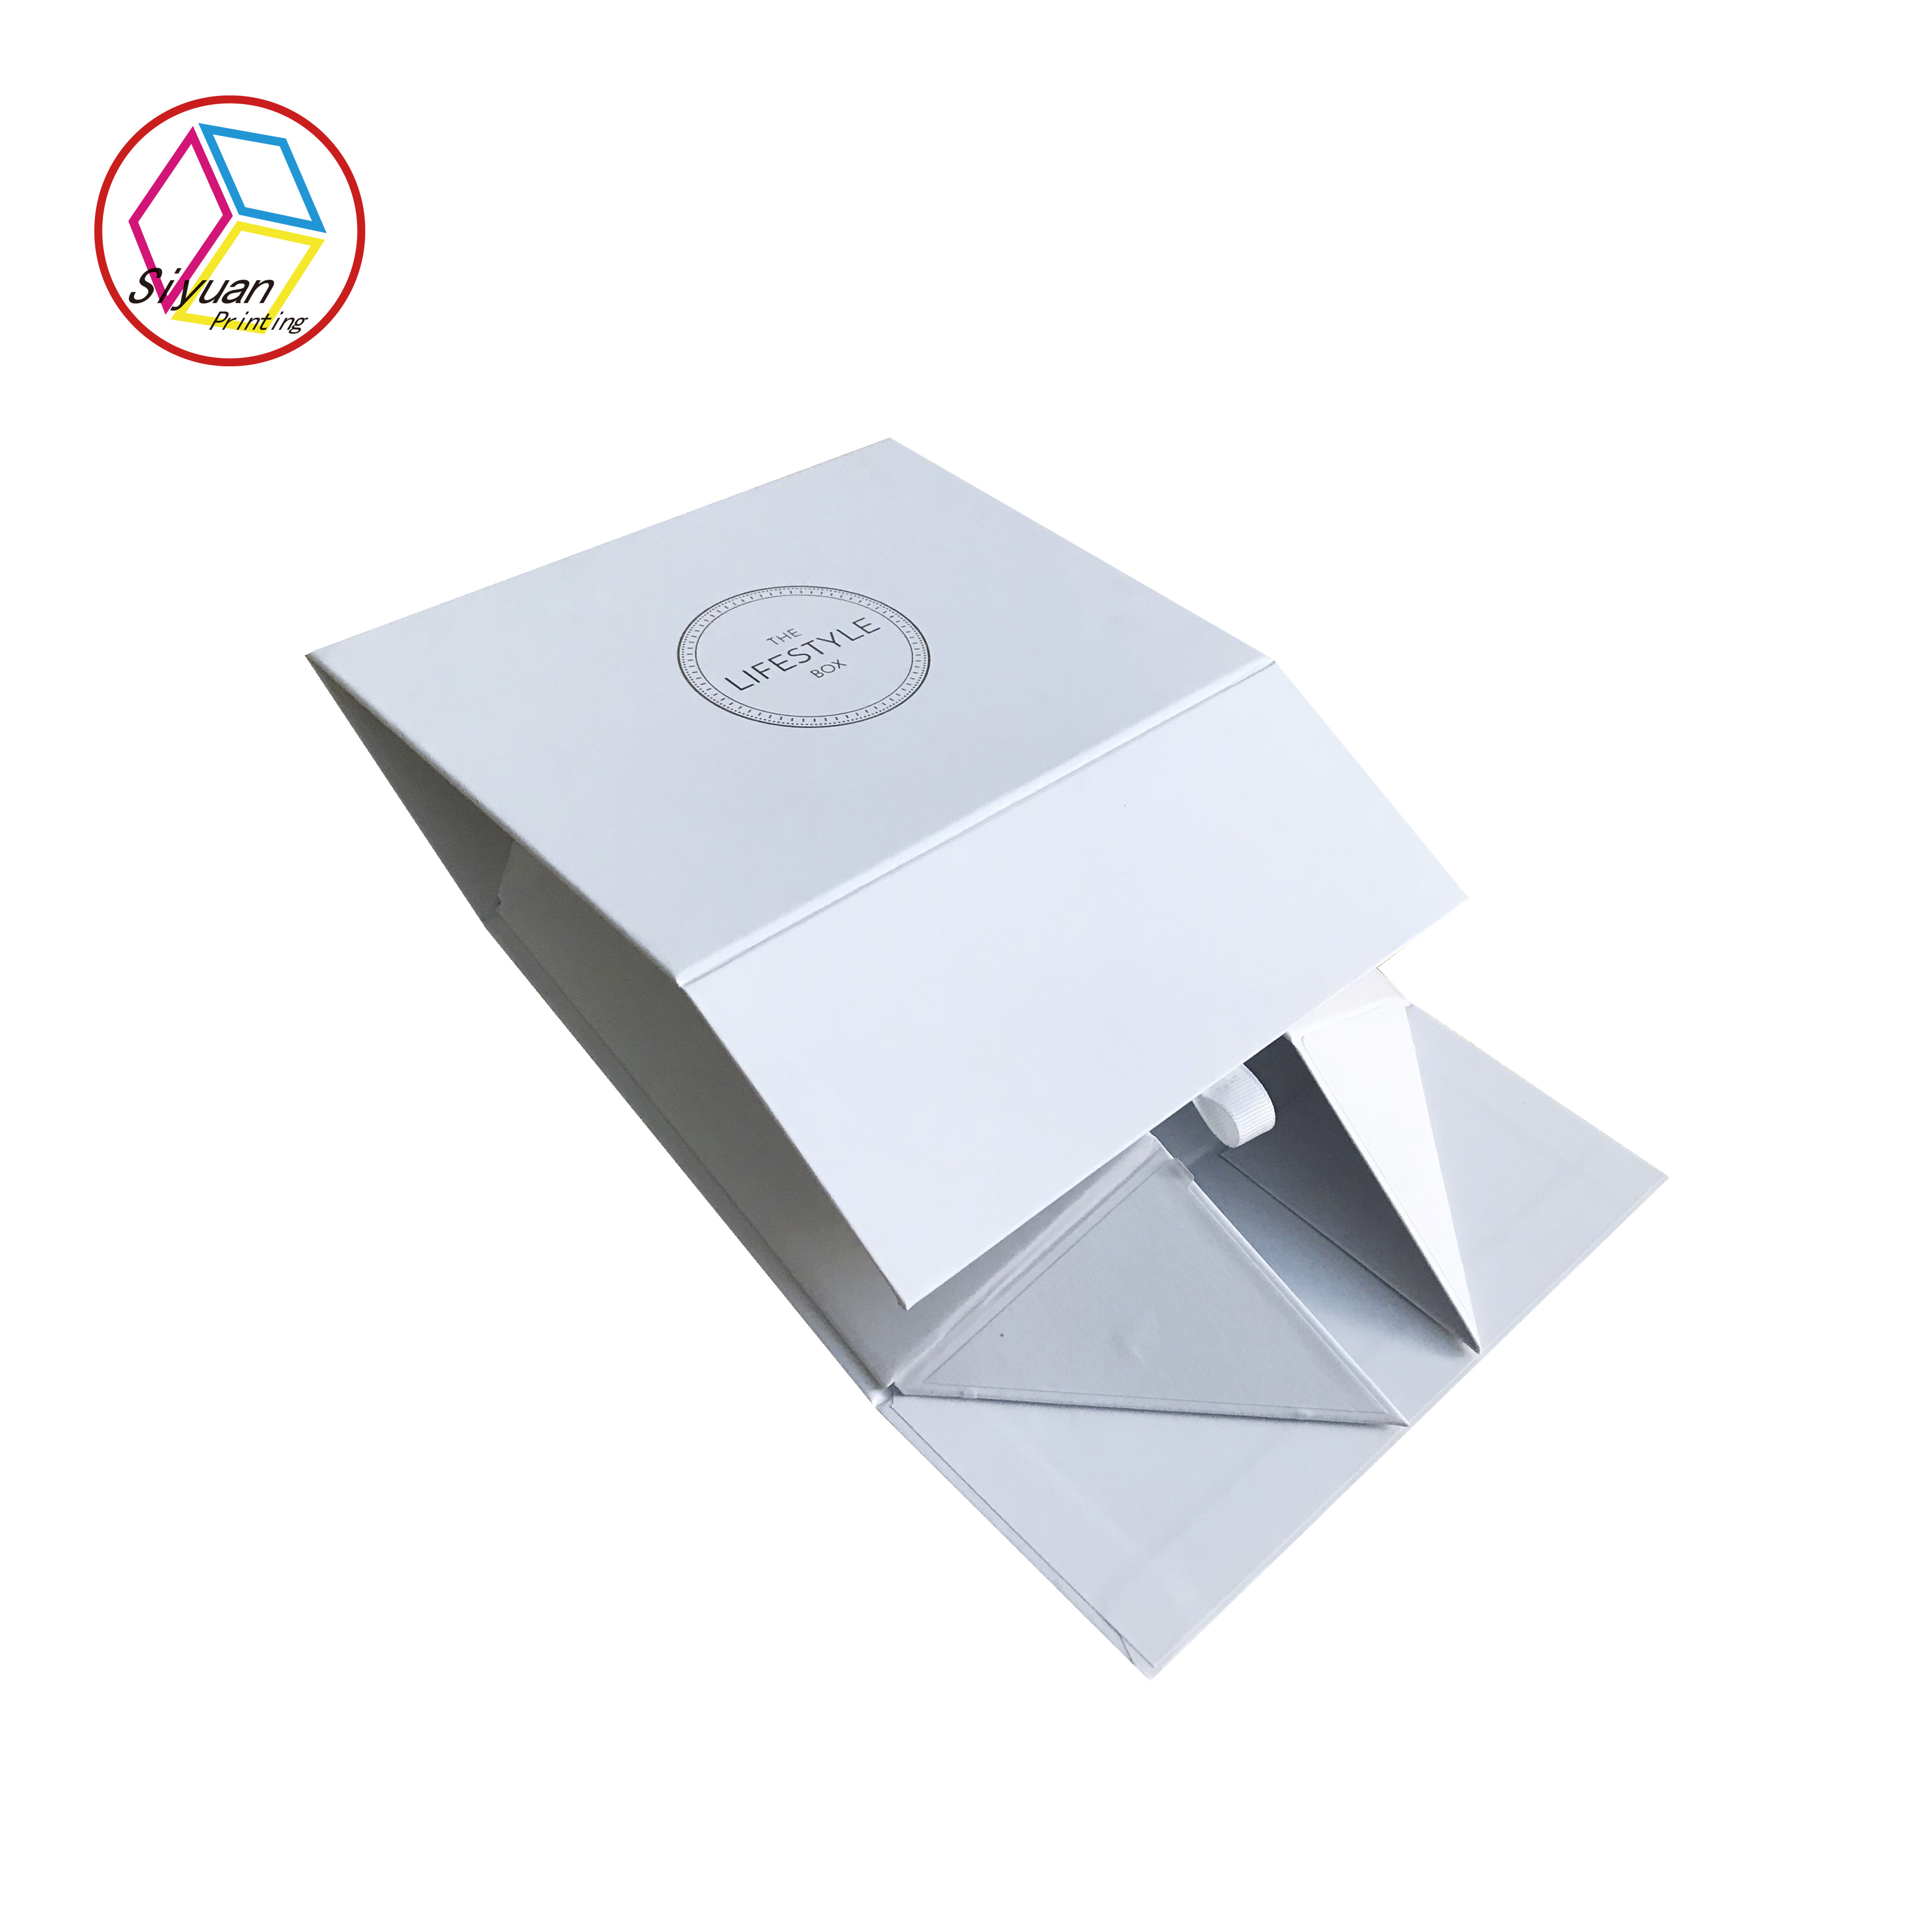 8502e1844 مصادر شركات تصنيع علب الهدايا وعلب الهدايا في Alibaba.com